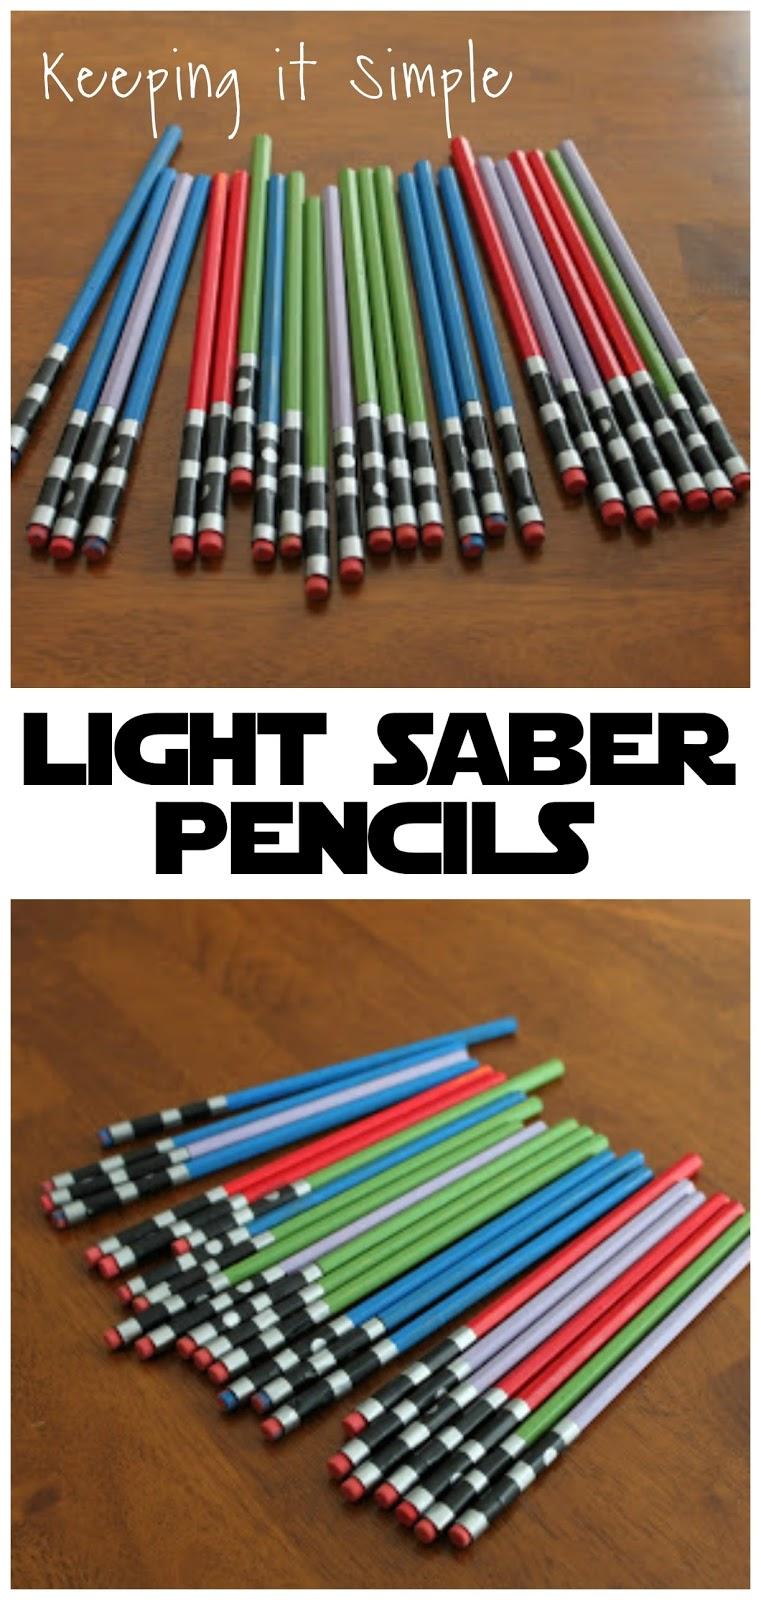 keeping it simple star wars light saber pencils. Black Bedroom Furniture Sets. Home Design Ideas